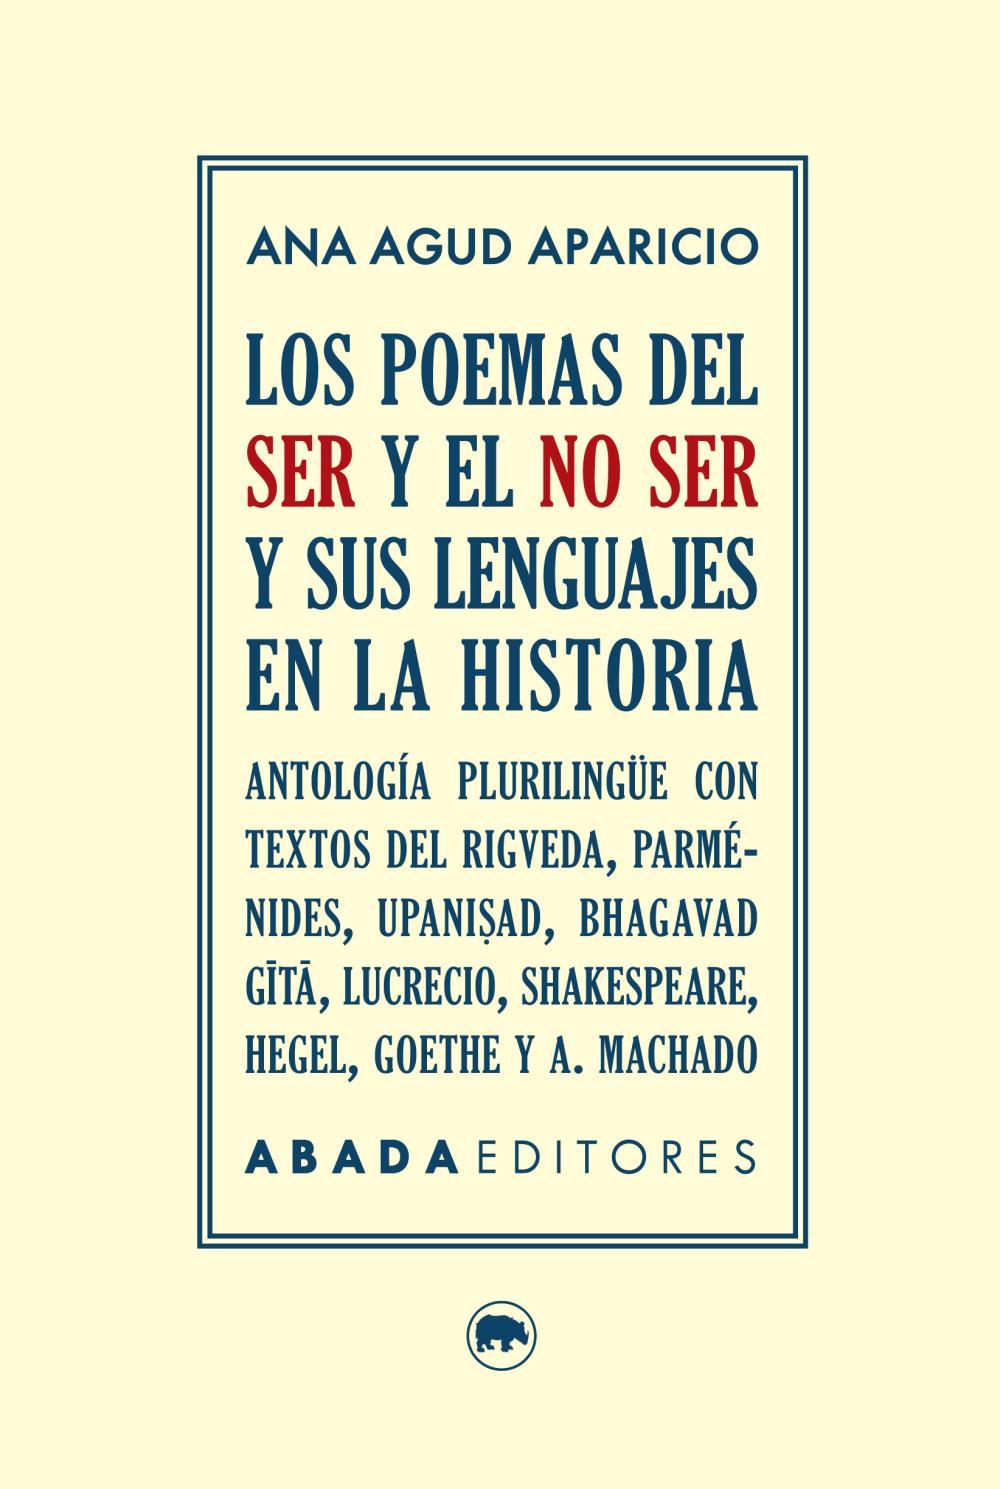 Los poemas del ser y el no ser y sus lenguajes en la historia